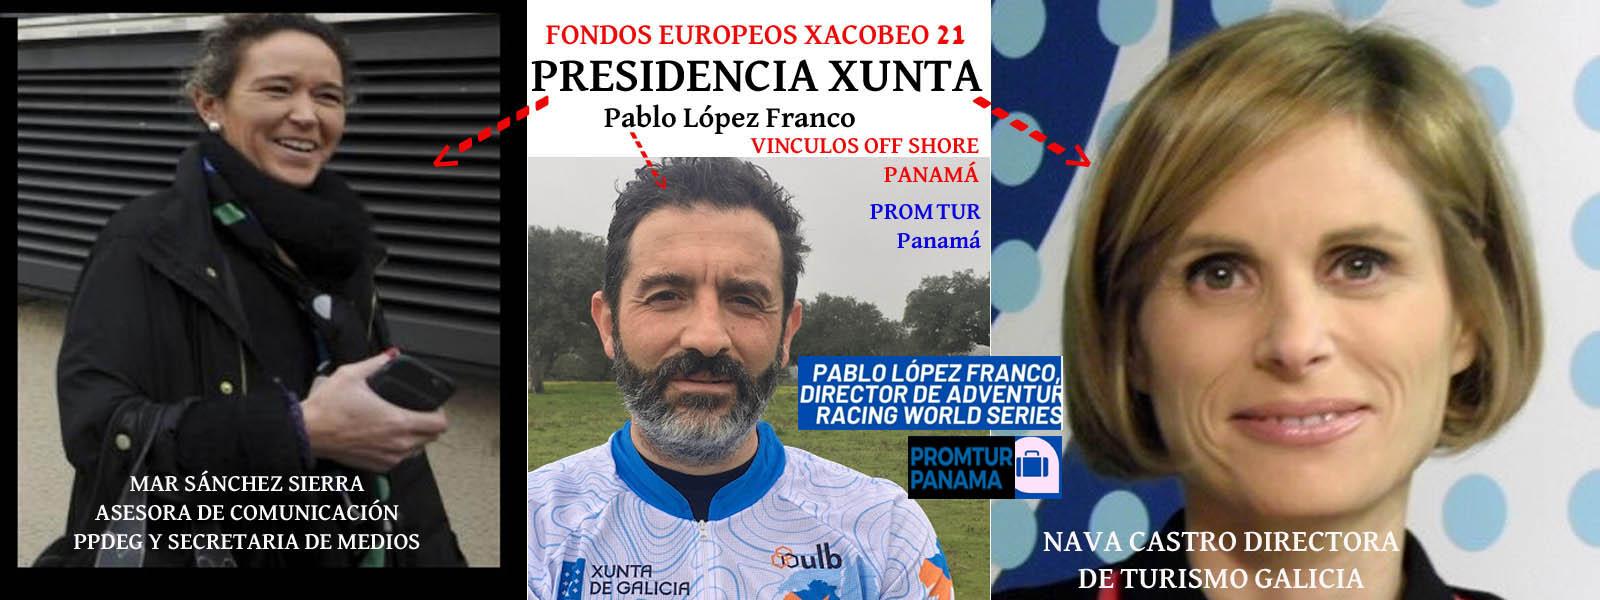 """MANZANEDA SHOW 12 DE XUÑO DE 2020, BAIXO A PRESIDENCIA DO SR. D. ALBERTO  NÚÑEZ FEIJÓO. """"pagos anticipados ata o 100% (Agetan) (80.000,00 €)  gestionados por Pablo López Franco - Xornal Galicia"""